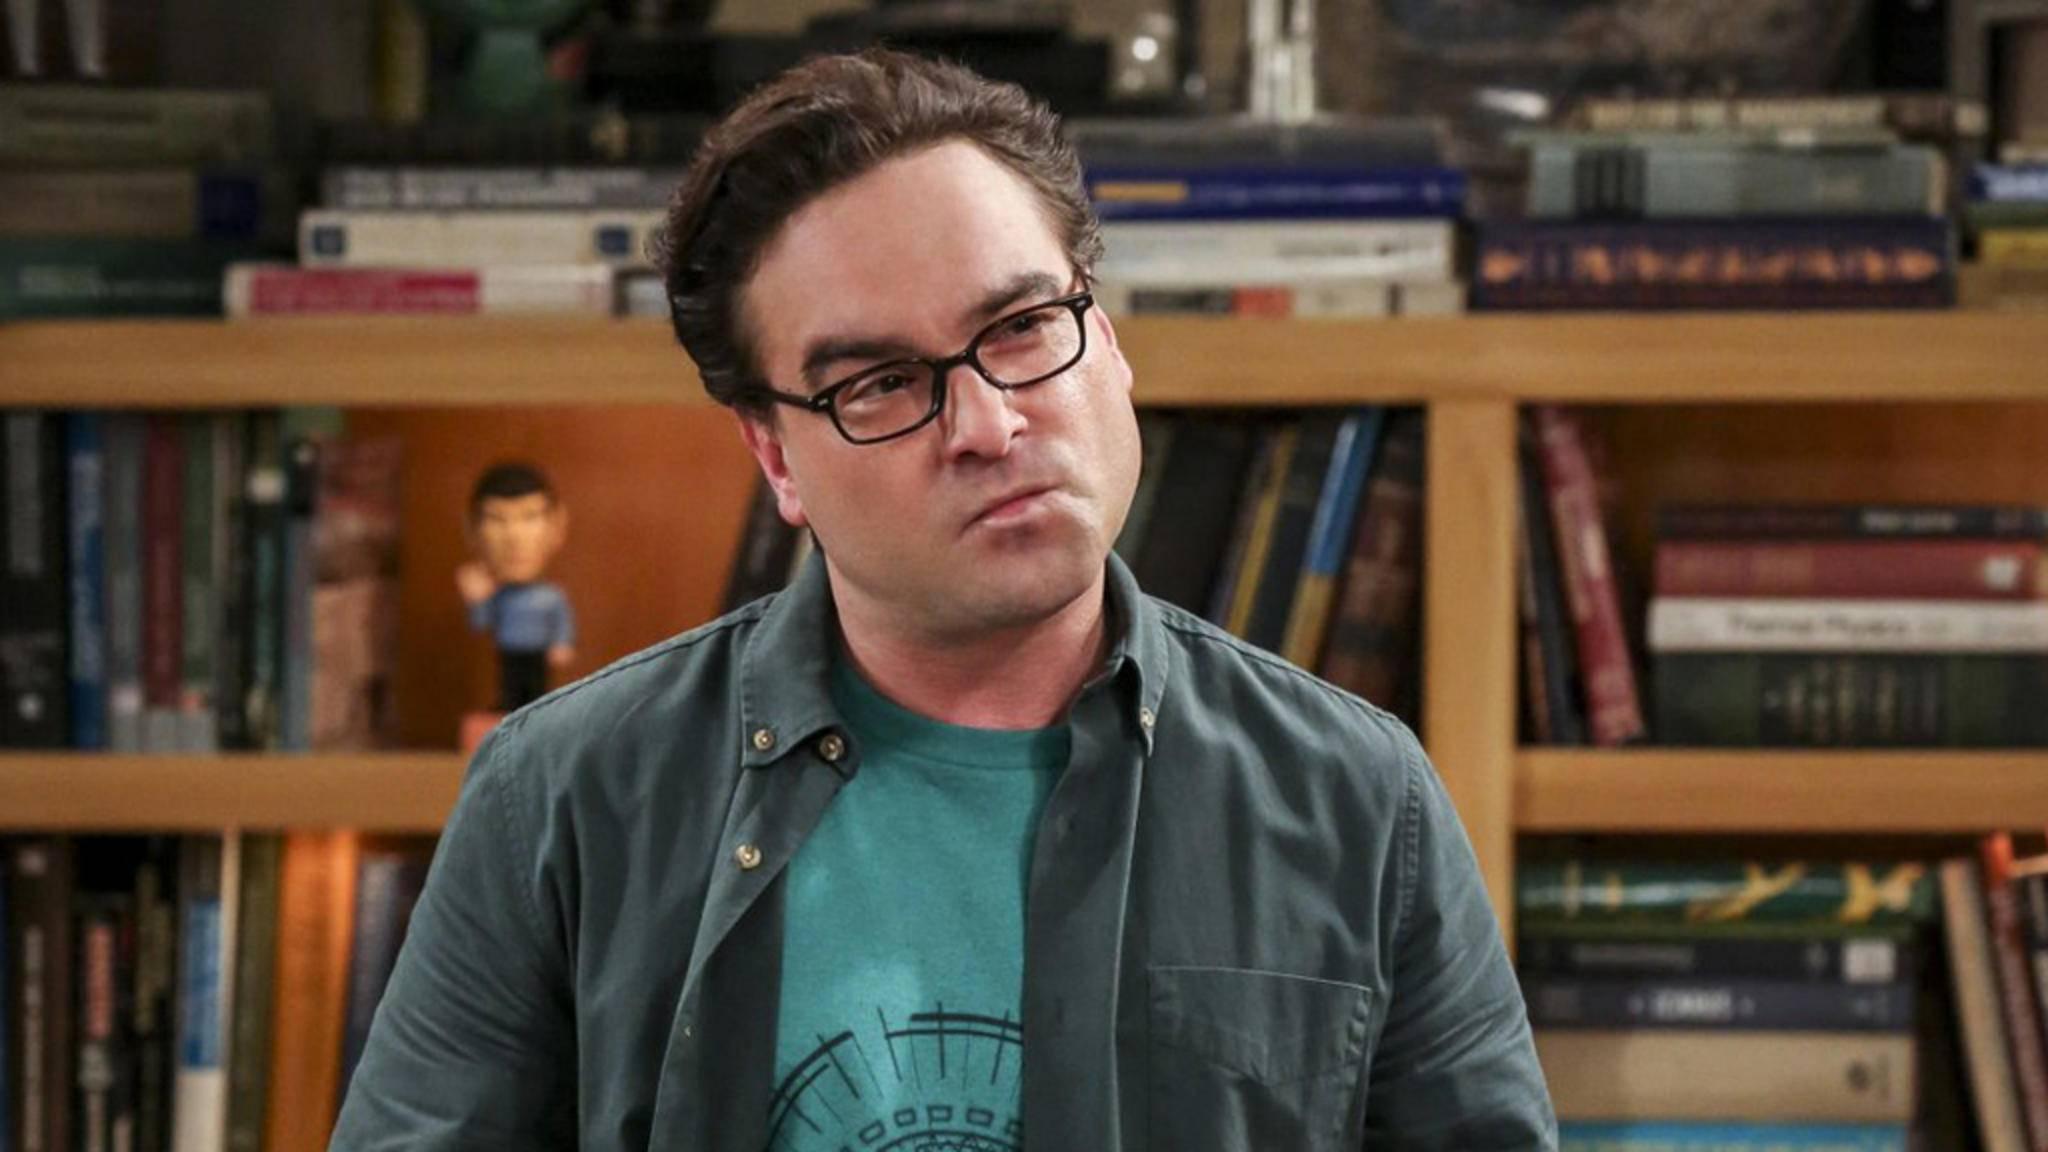 """Wenn es nach Johnny Galecki geht, können wir uns noch auf mindestens eine weitere Staffel """"The Big Bang Theory"""" freuen."""